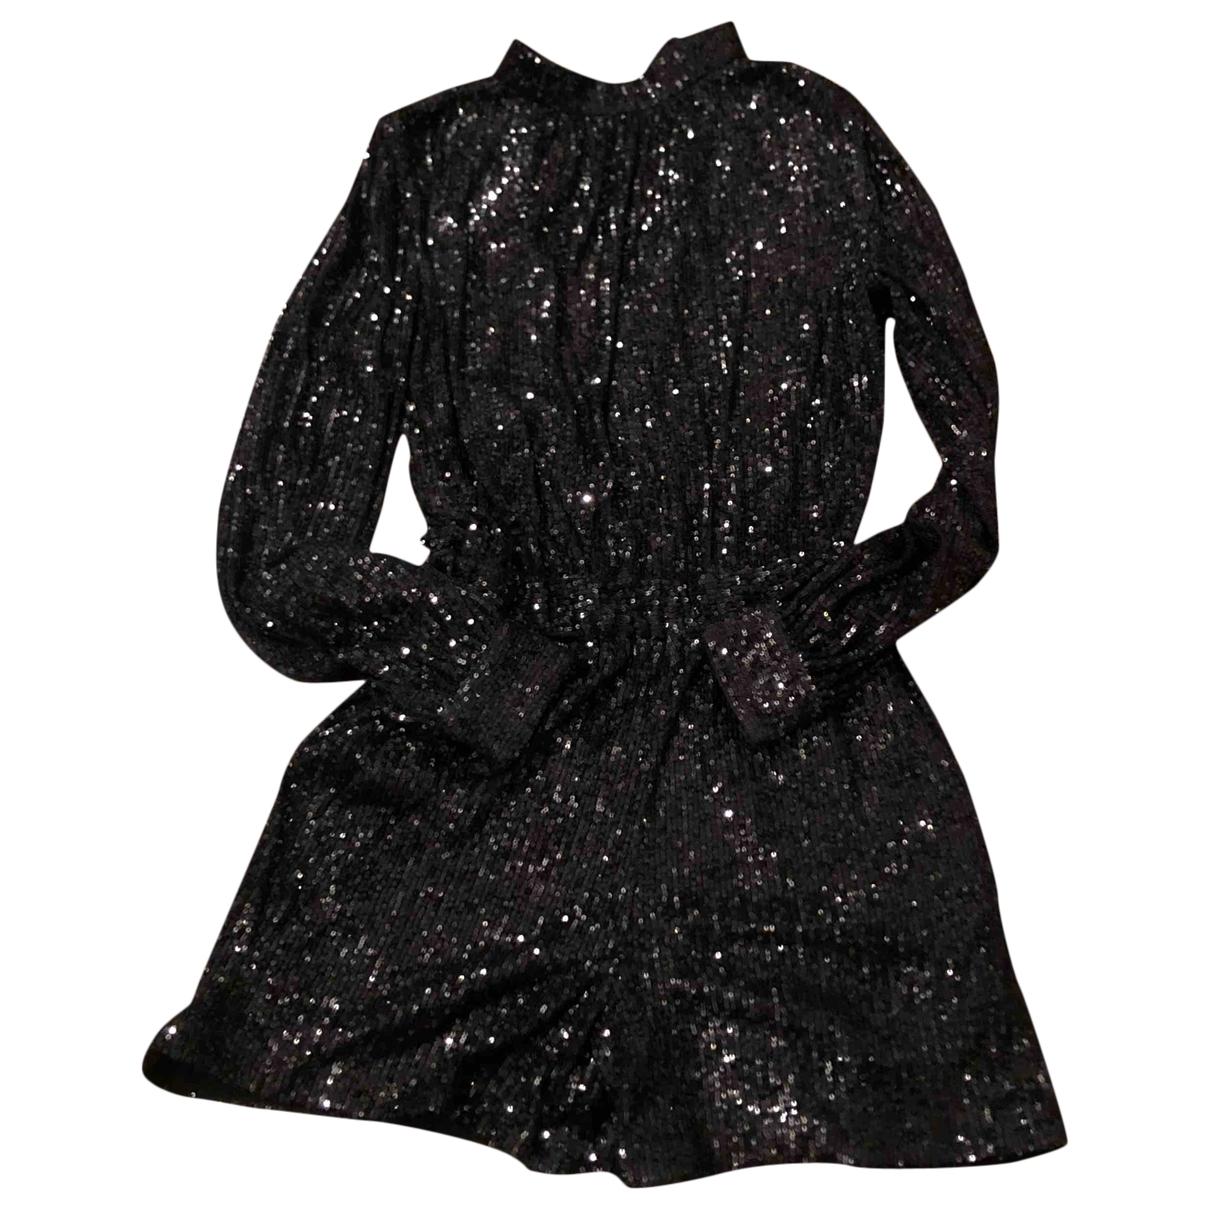 Maje \N Black jumpsuit for Women 36 FR